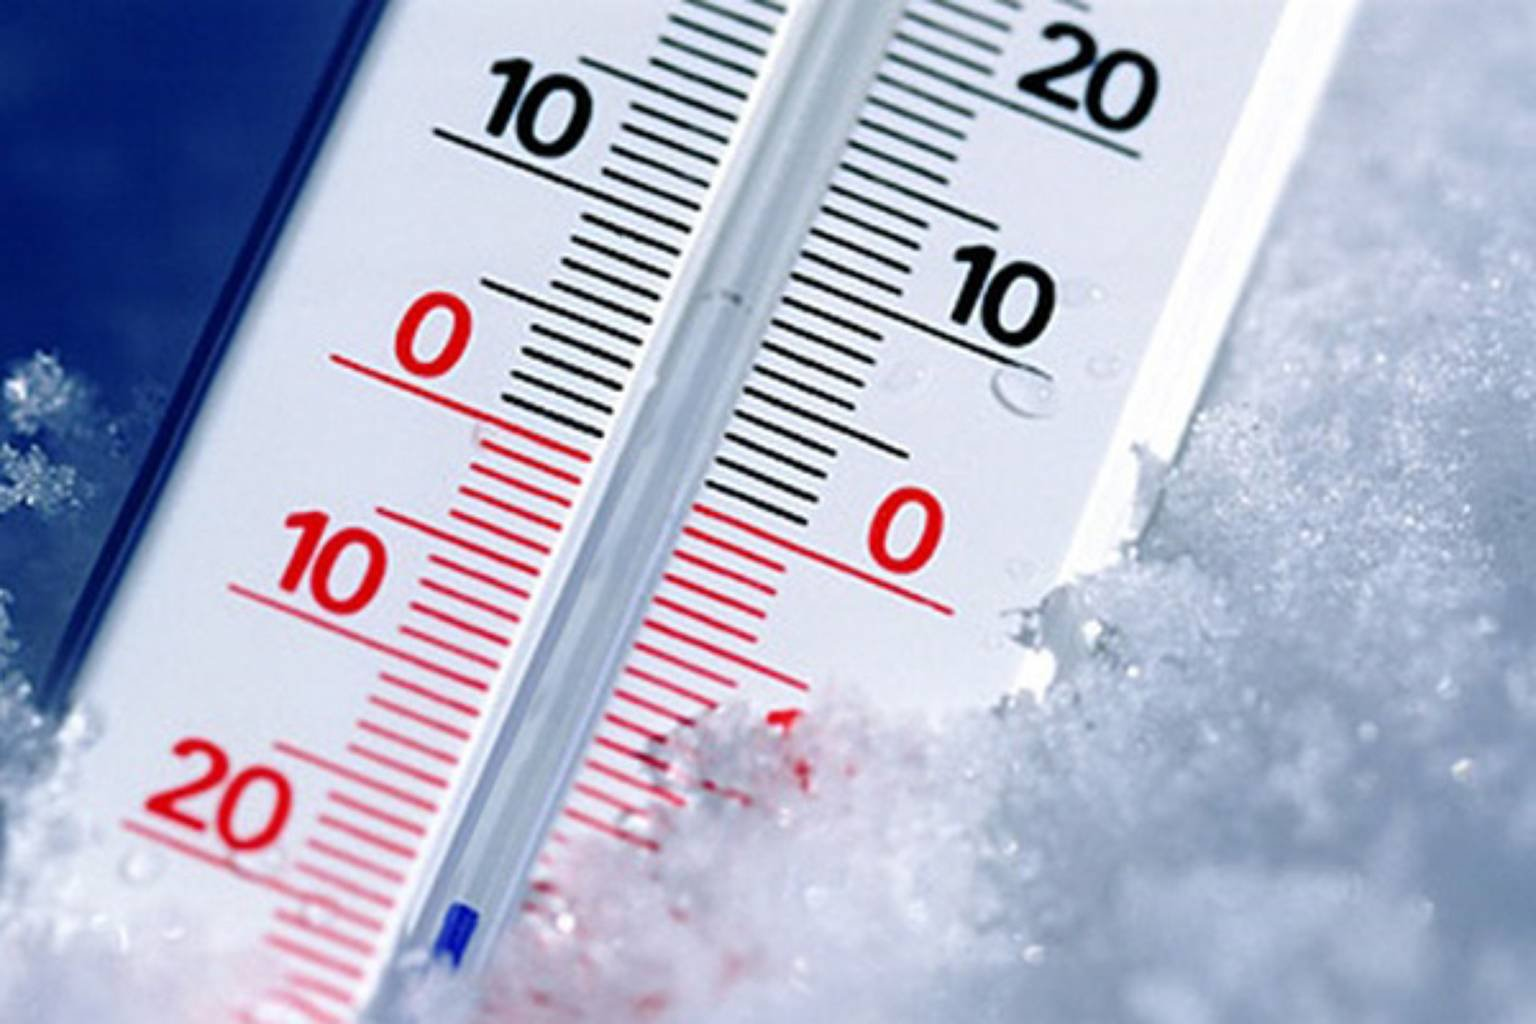 Смоленскую область в воскресенье ждёт мороз до -10 градусов